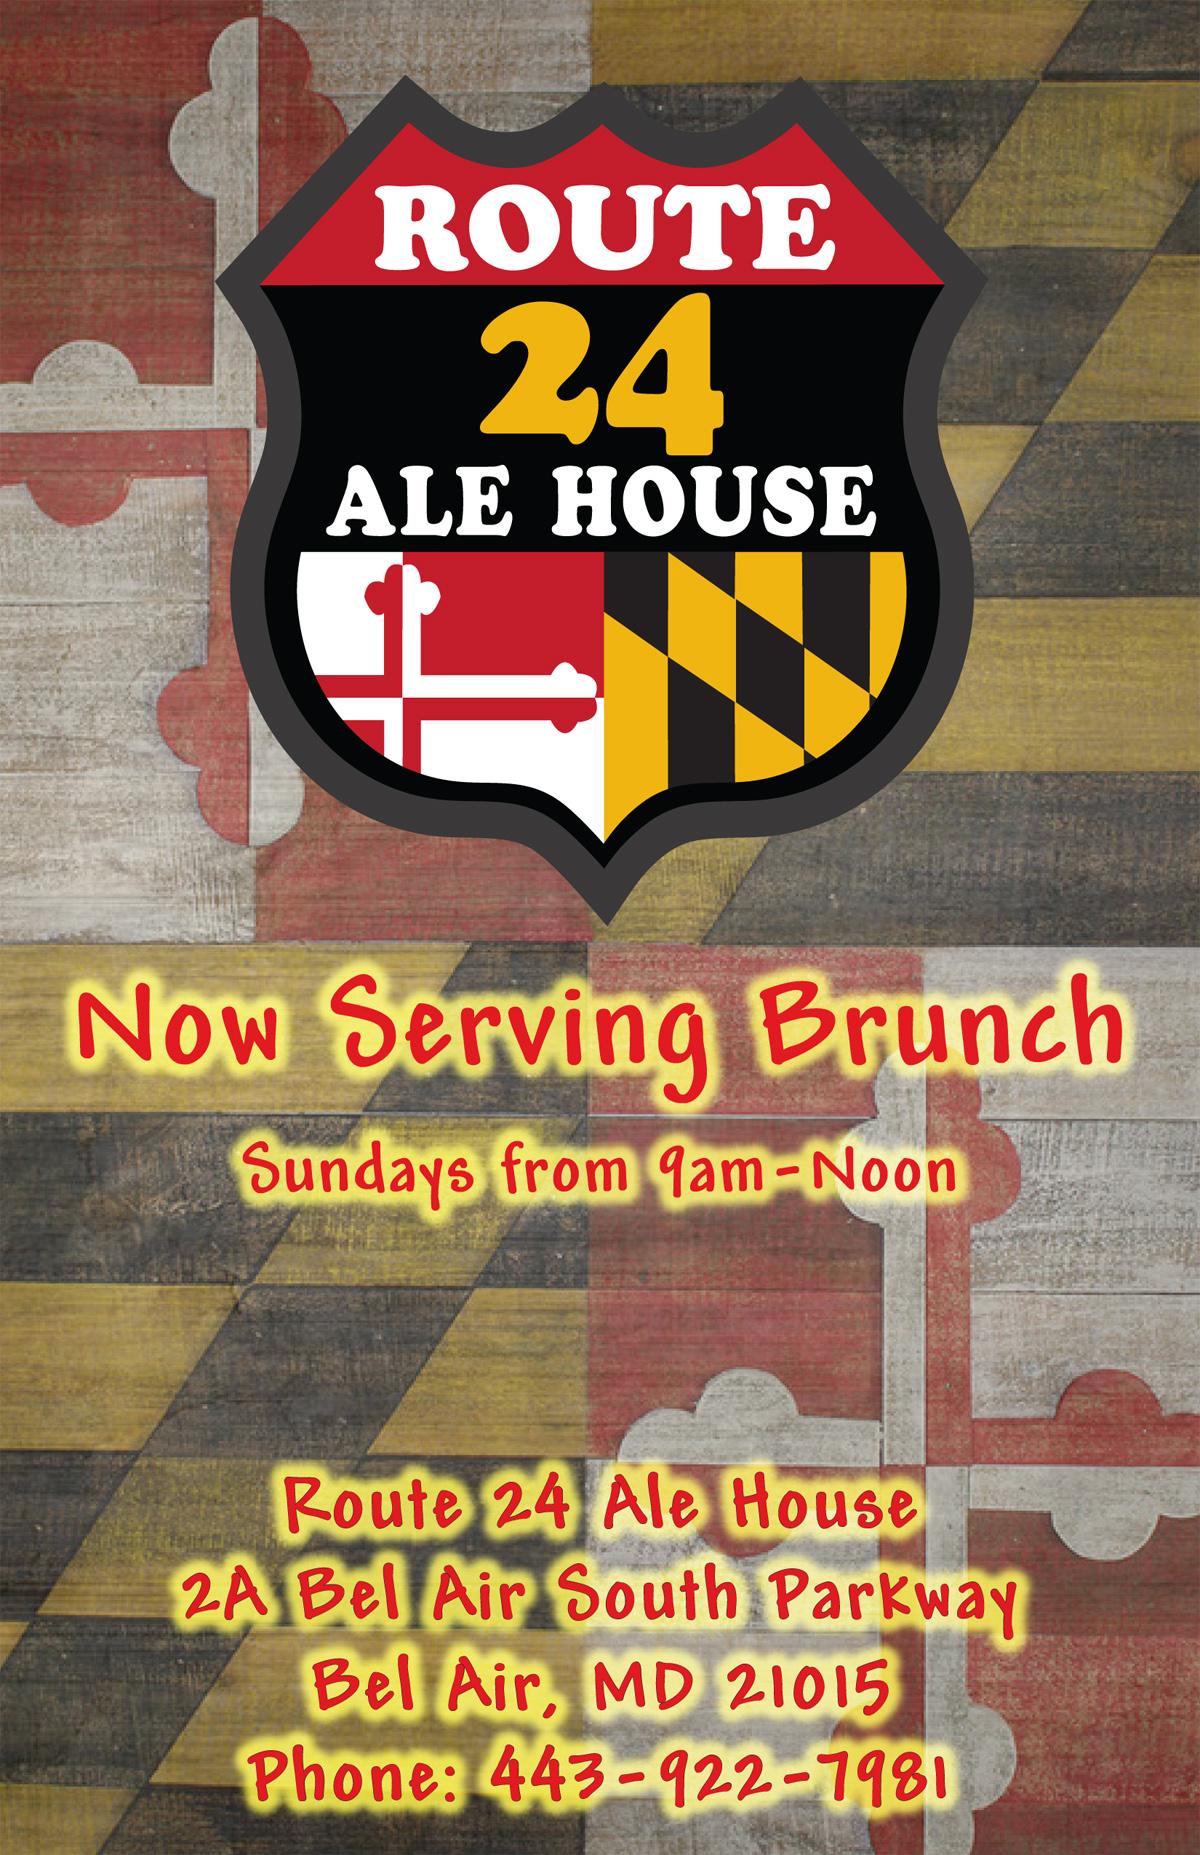 Route 24 Ale House Brunch Menu Cover